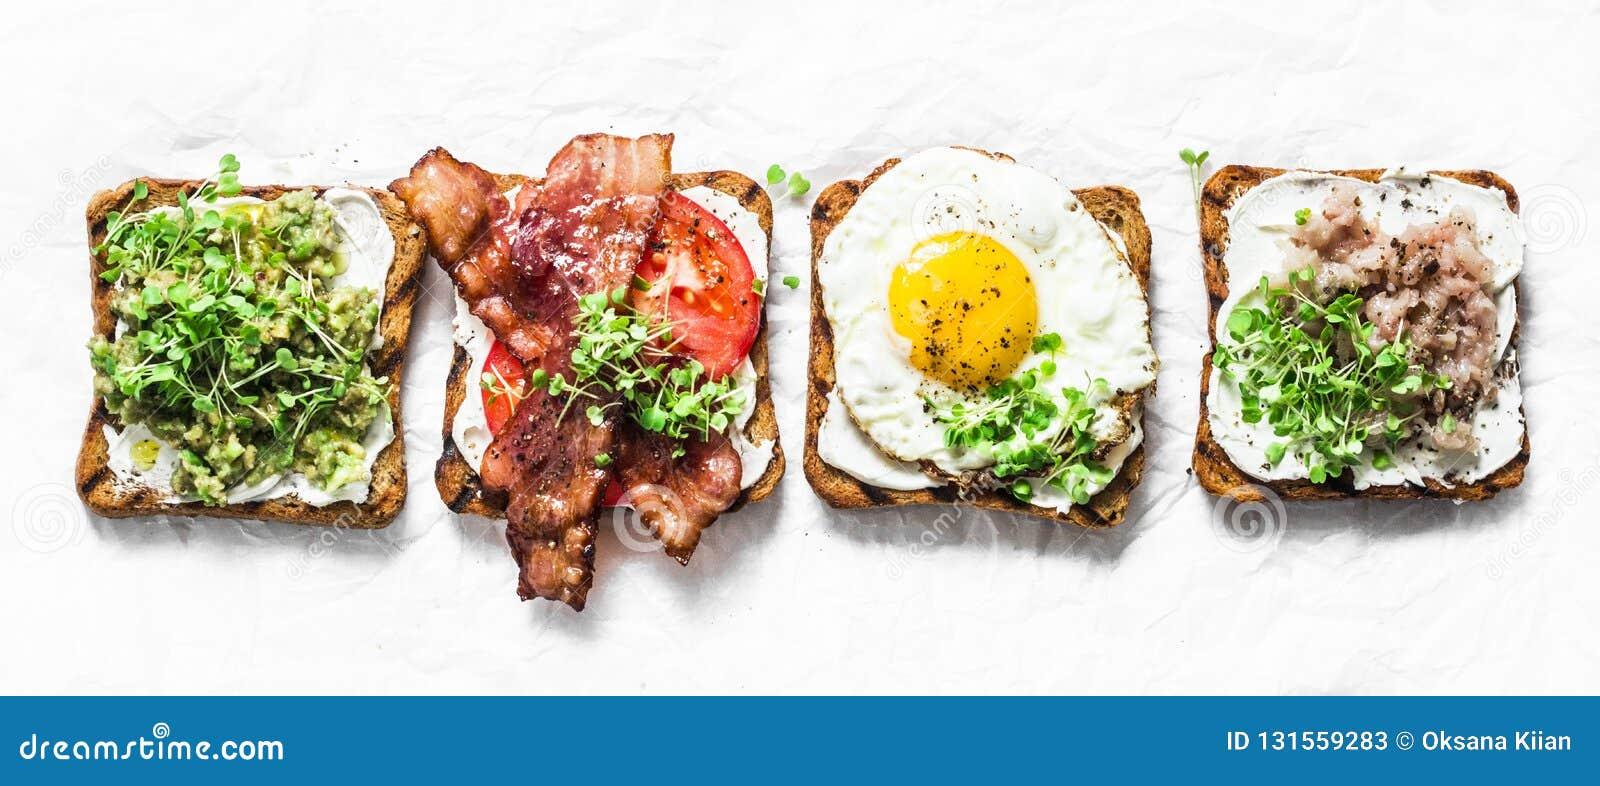 Verscheidenheid van sandwiches voor ontbijt, snack, voorgerechten - de avocadopuree, braadde ei, tomaten, bacon, kaas, gerookte m